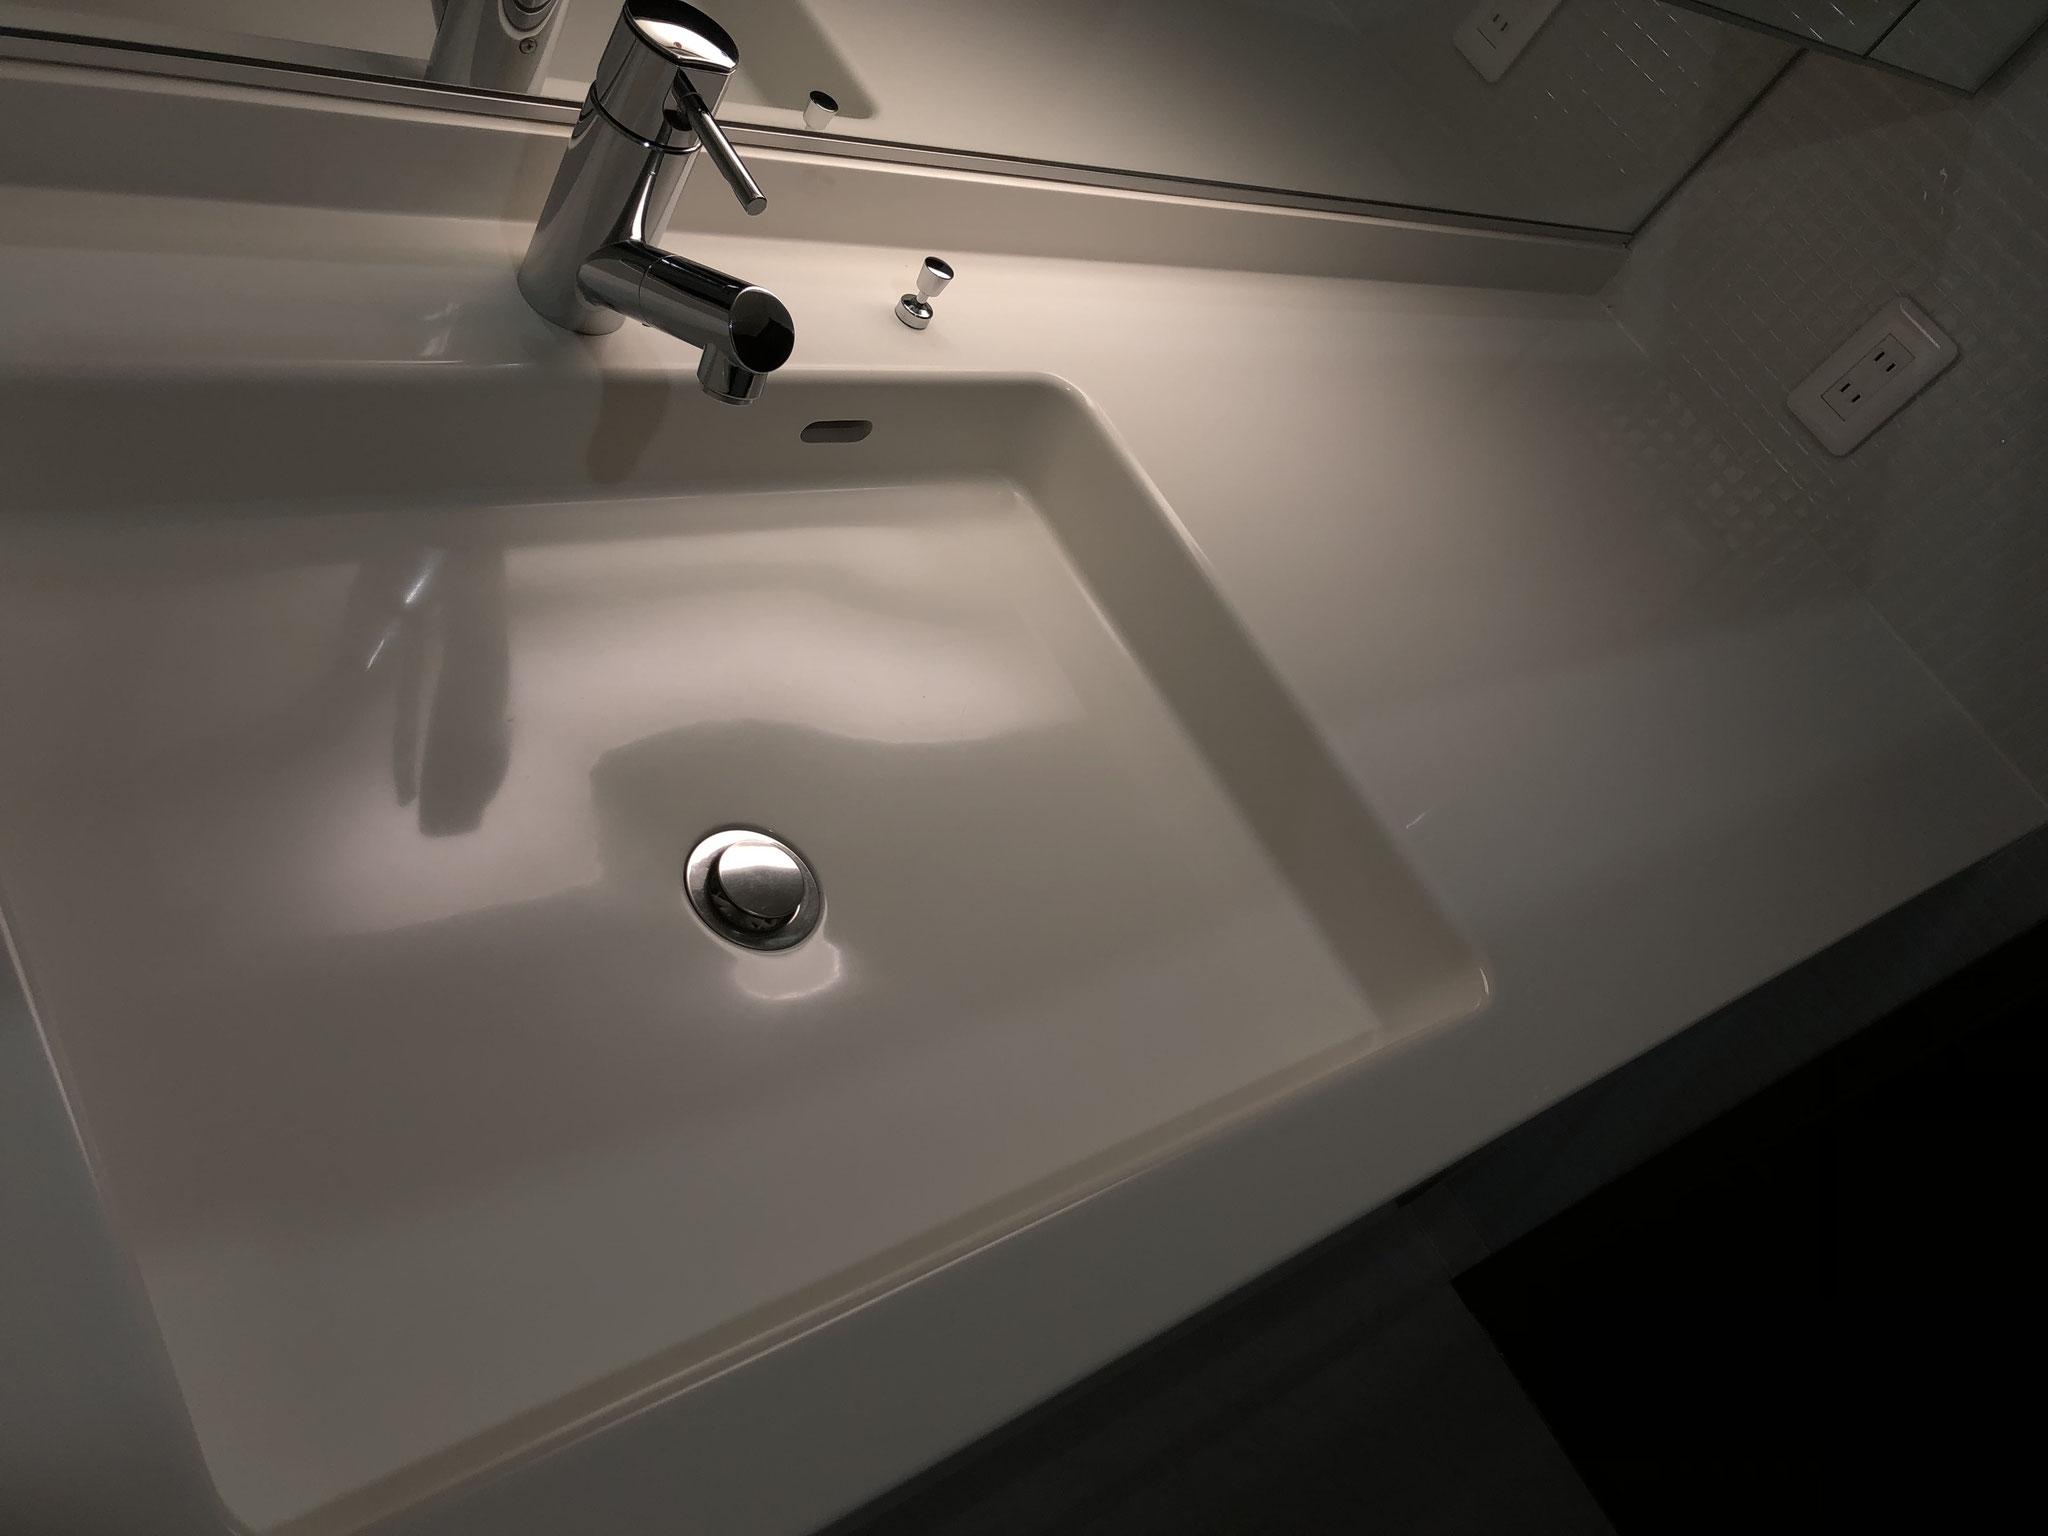 洗面台ユニット清掃